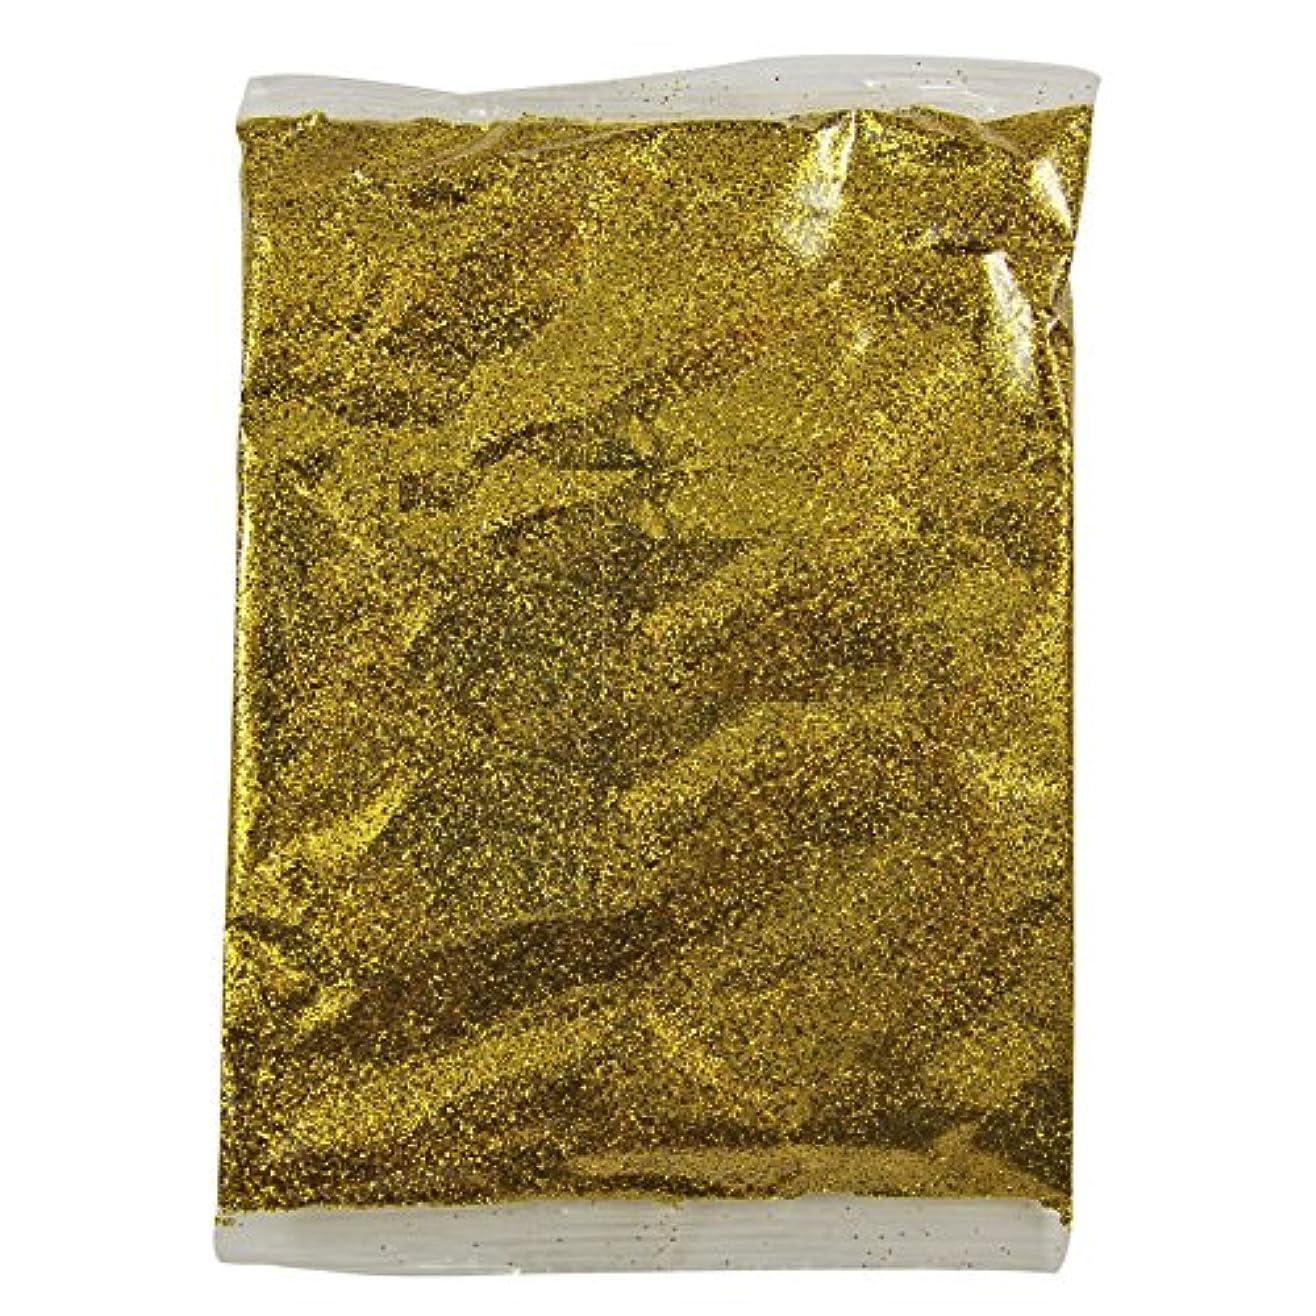 コイル引数好色なFidgetGear 100グラムホログラフィック虹色グリッターファインダストネイルアートパウダーワイングラス工芸 ゴールド